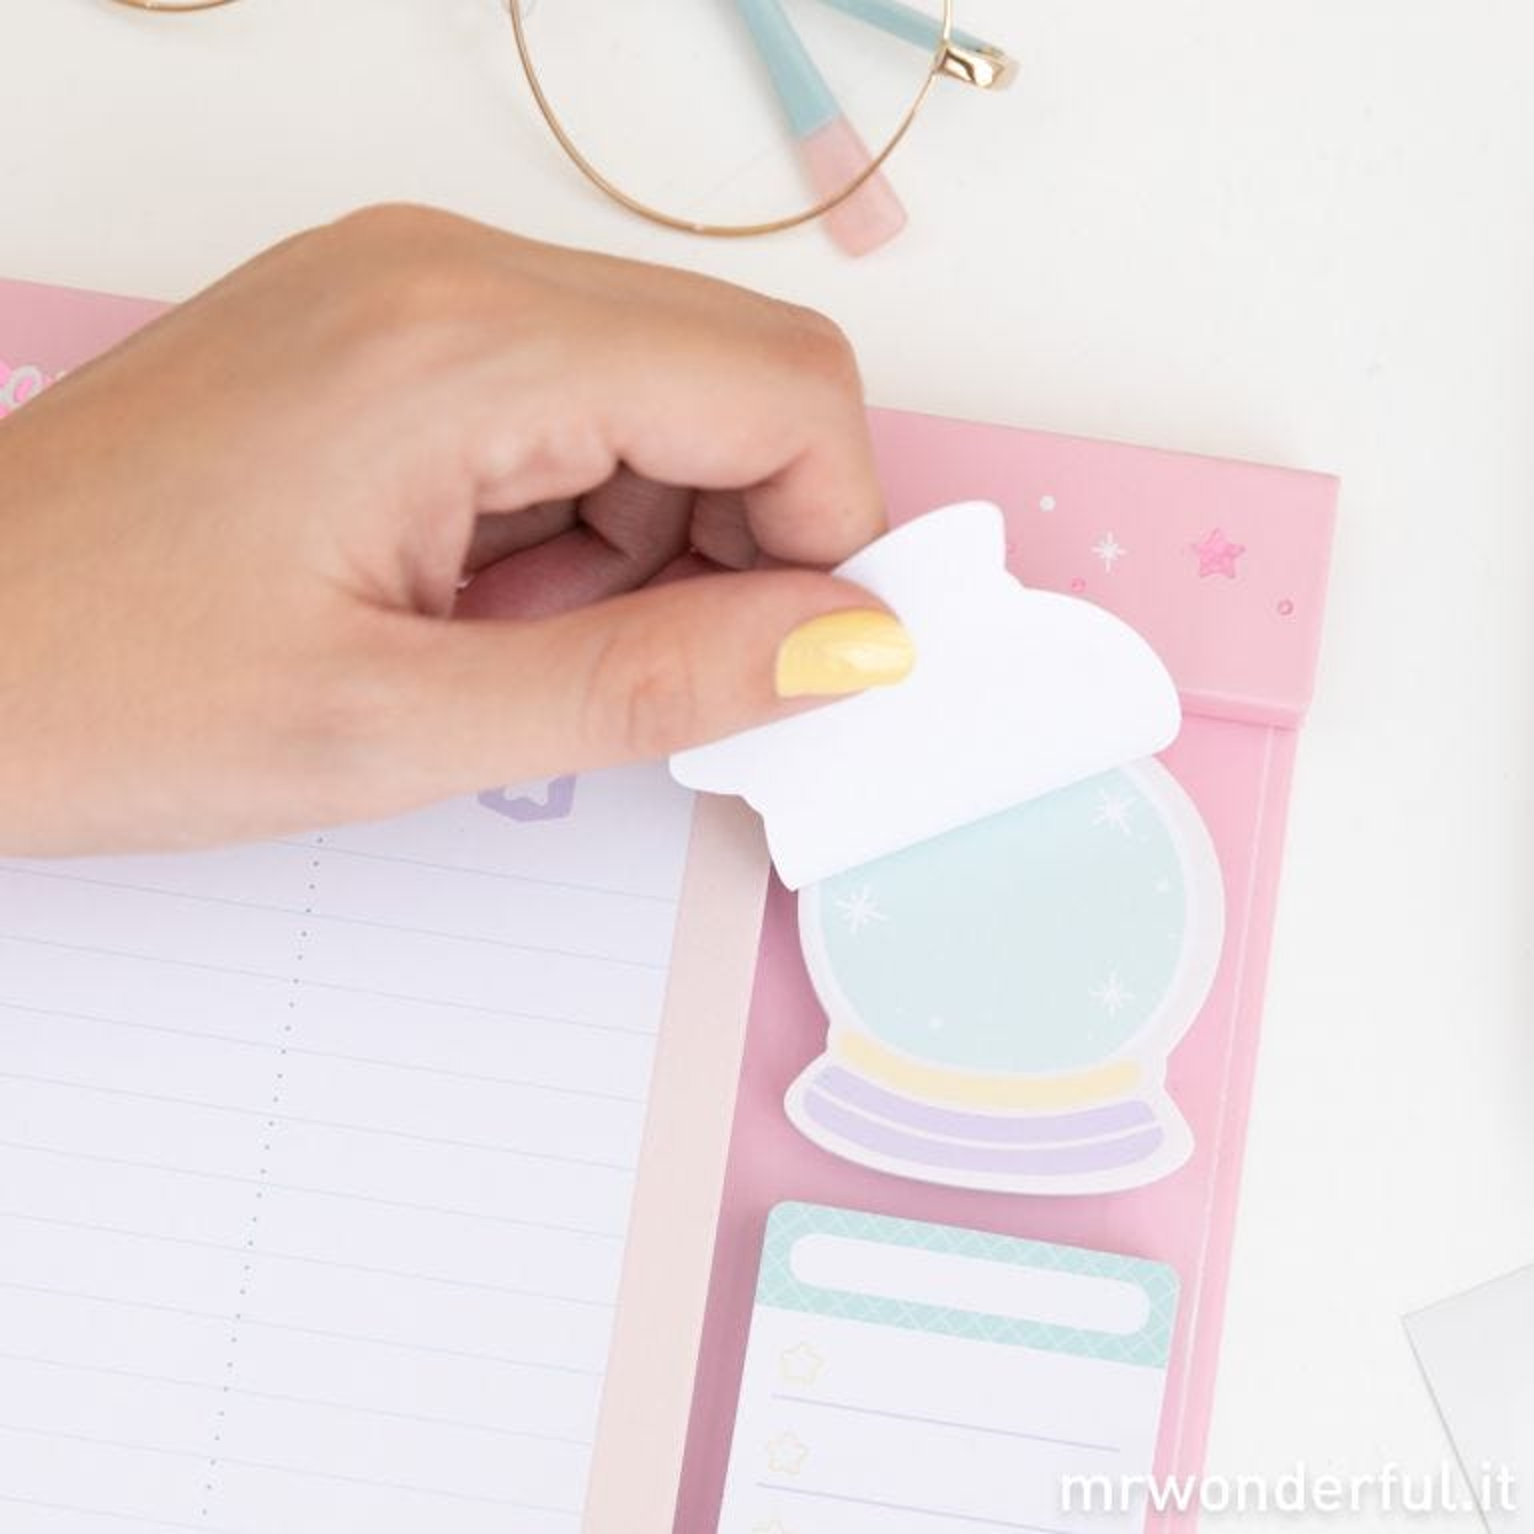 Planner con adesivi - Oggi non ci sarà nessuno che mi resista